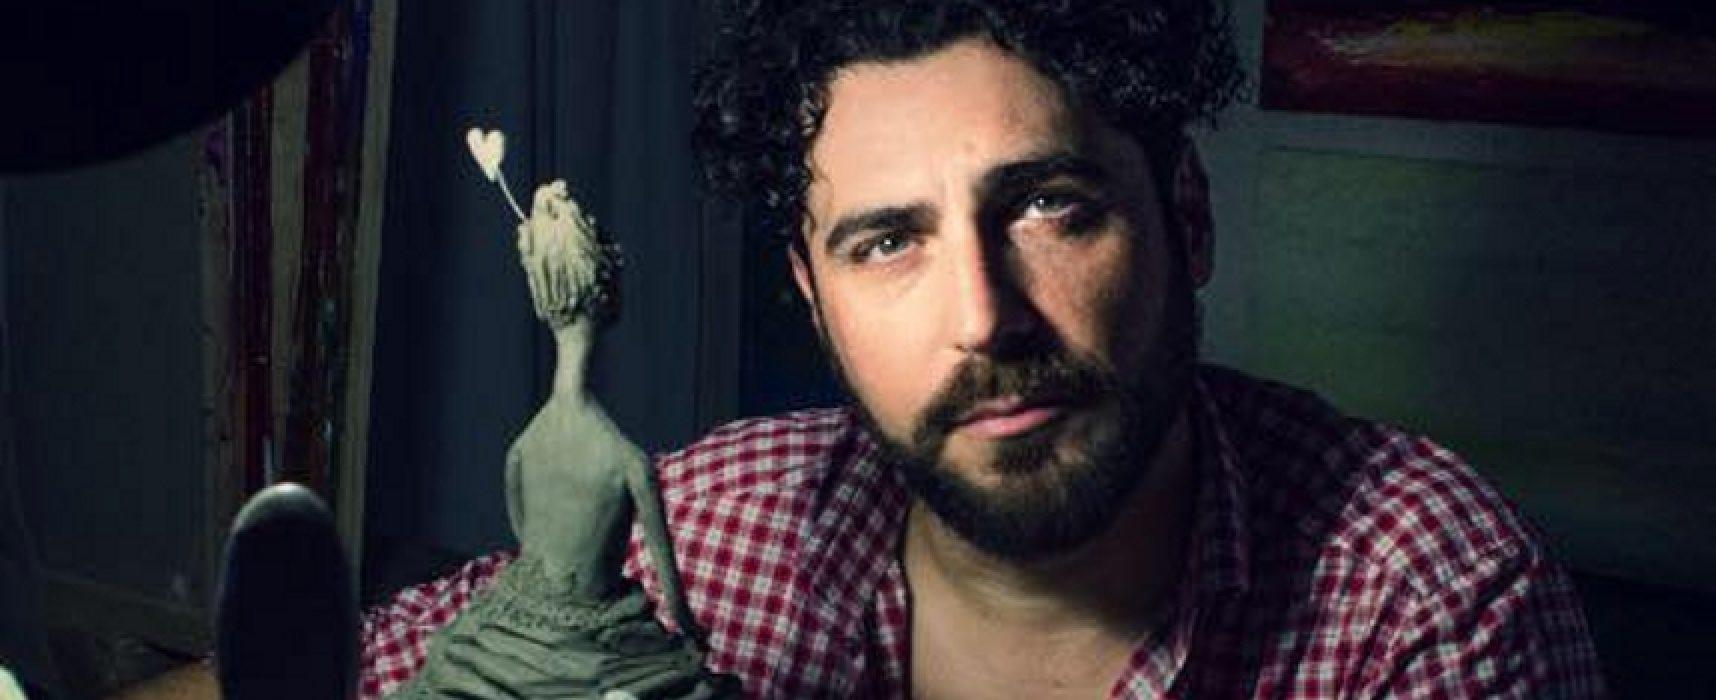 La nuova collezione di opere dell'artista biscegliese Enzo Abascià al Castello